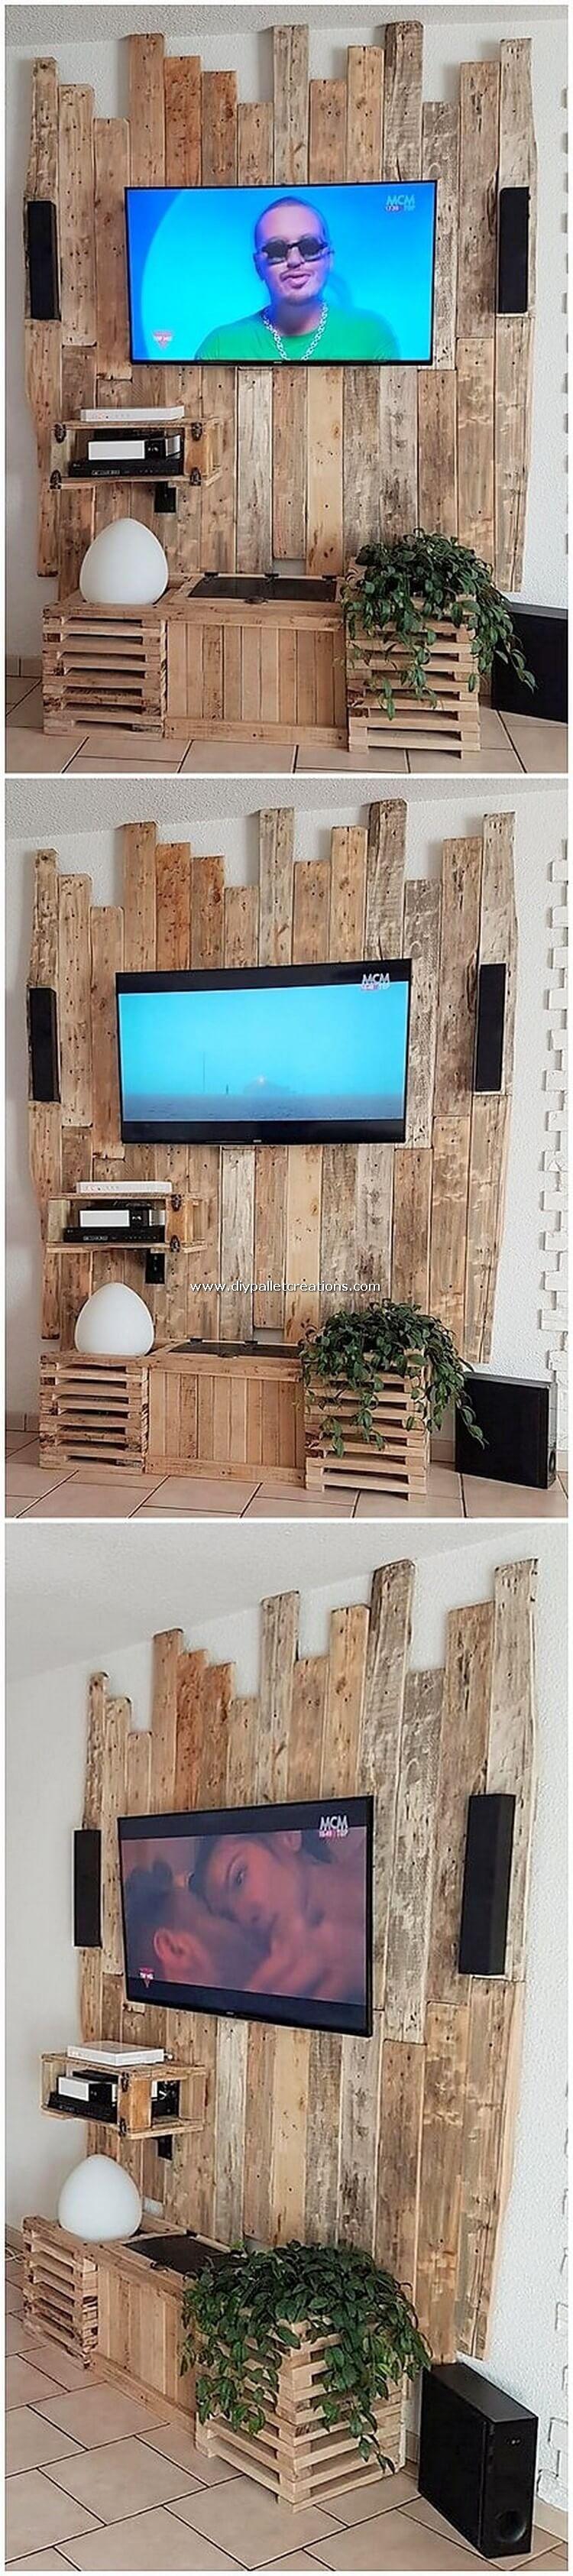 Impressive DIY Wood Pallet Creations for You!   DIY Pallet ...